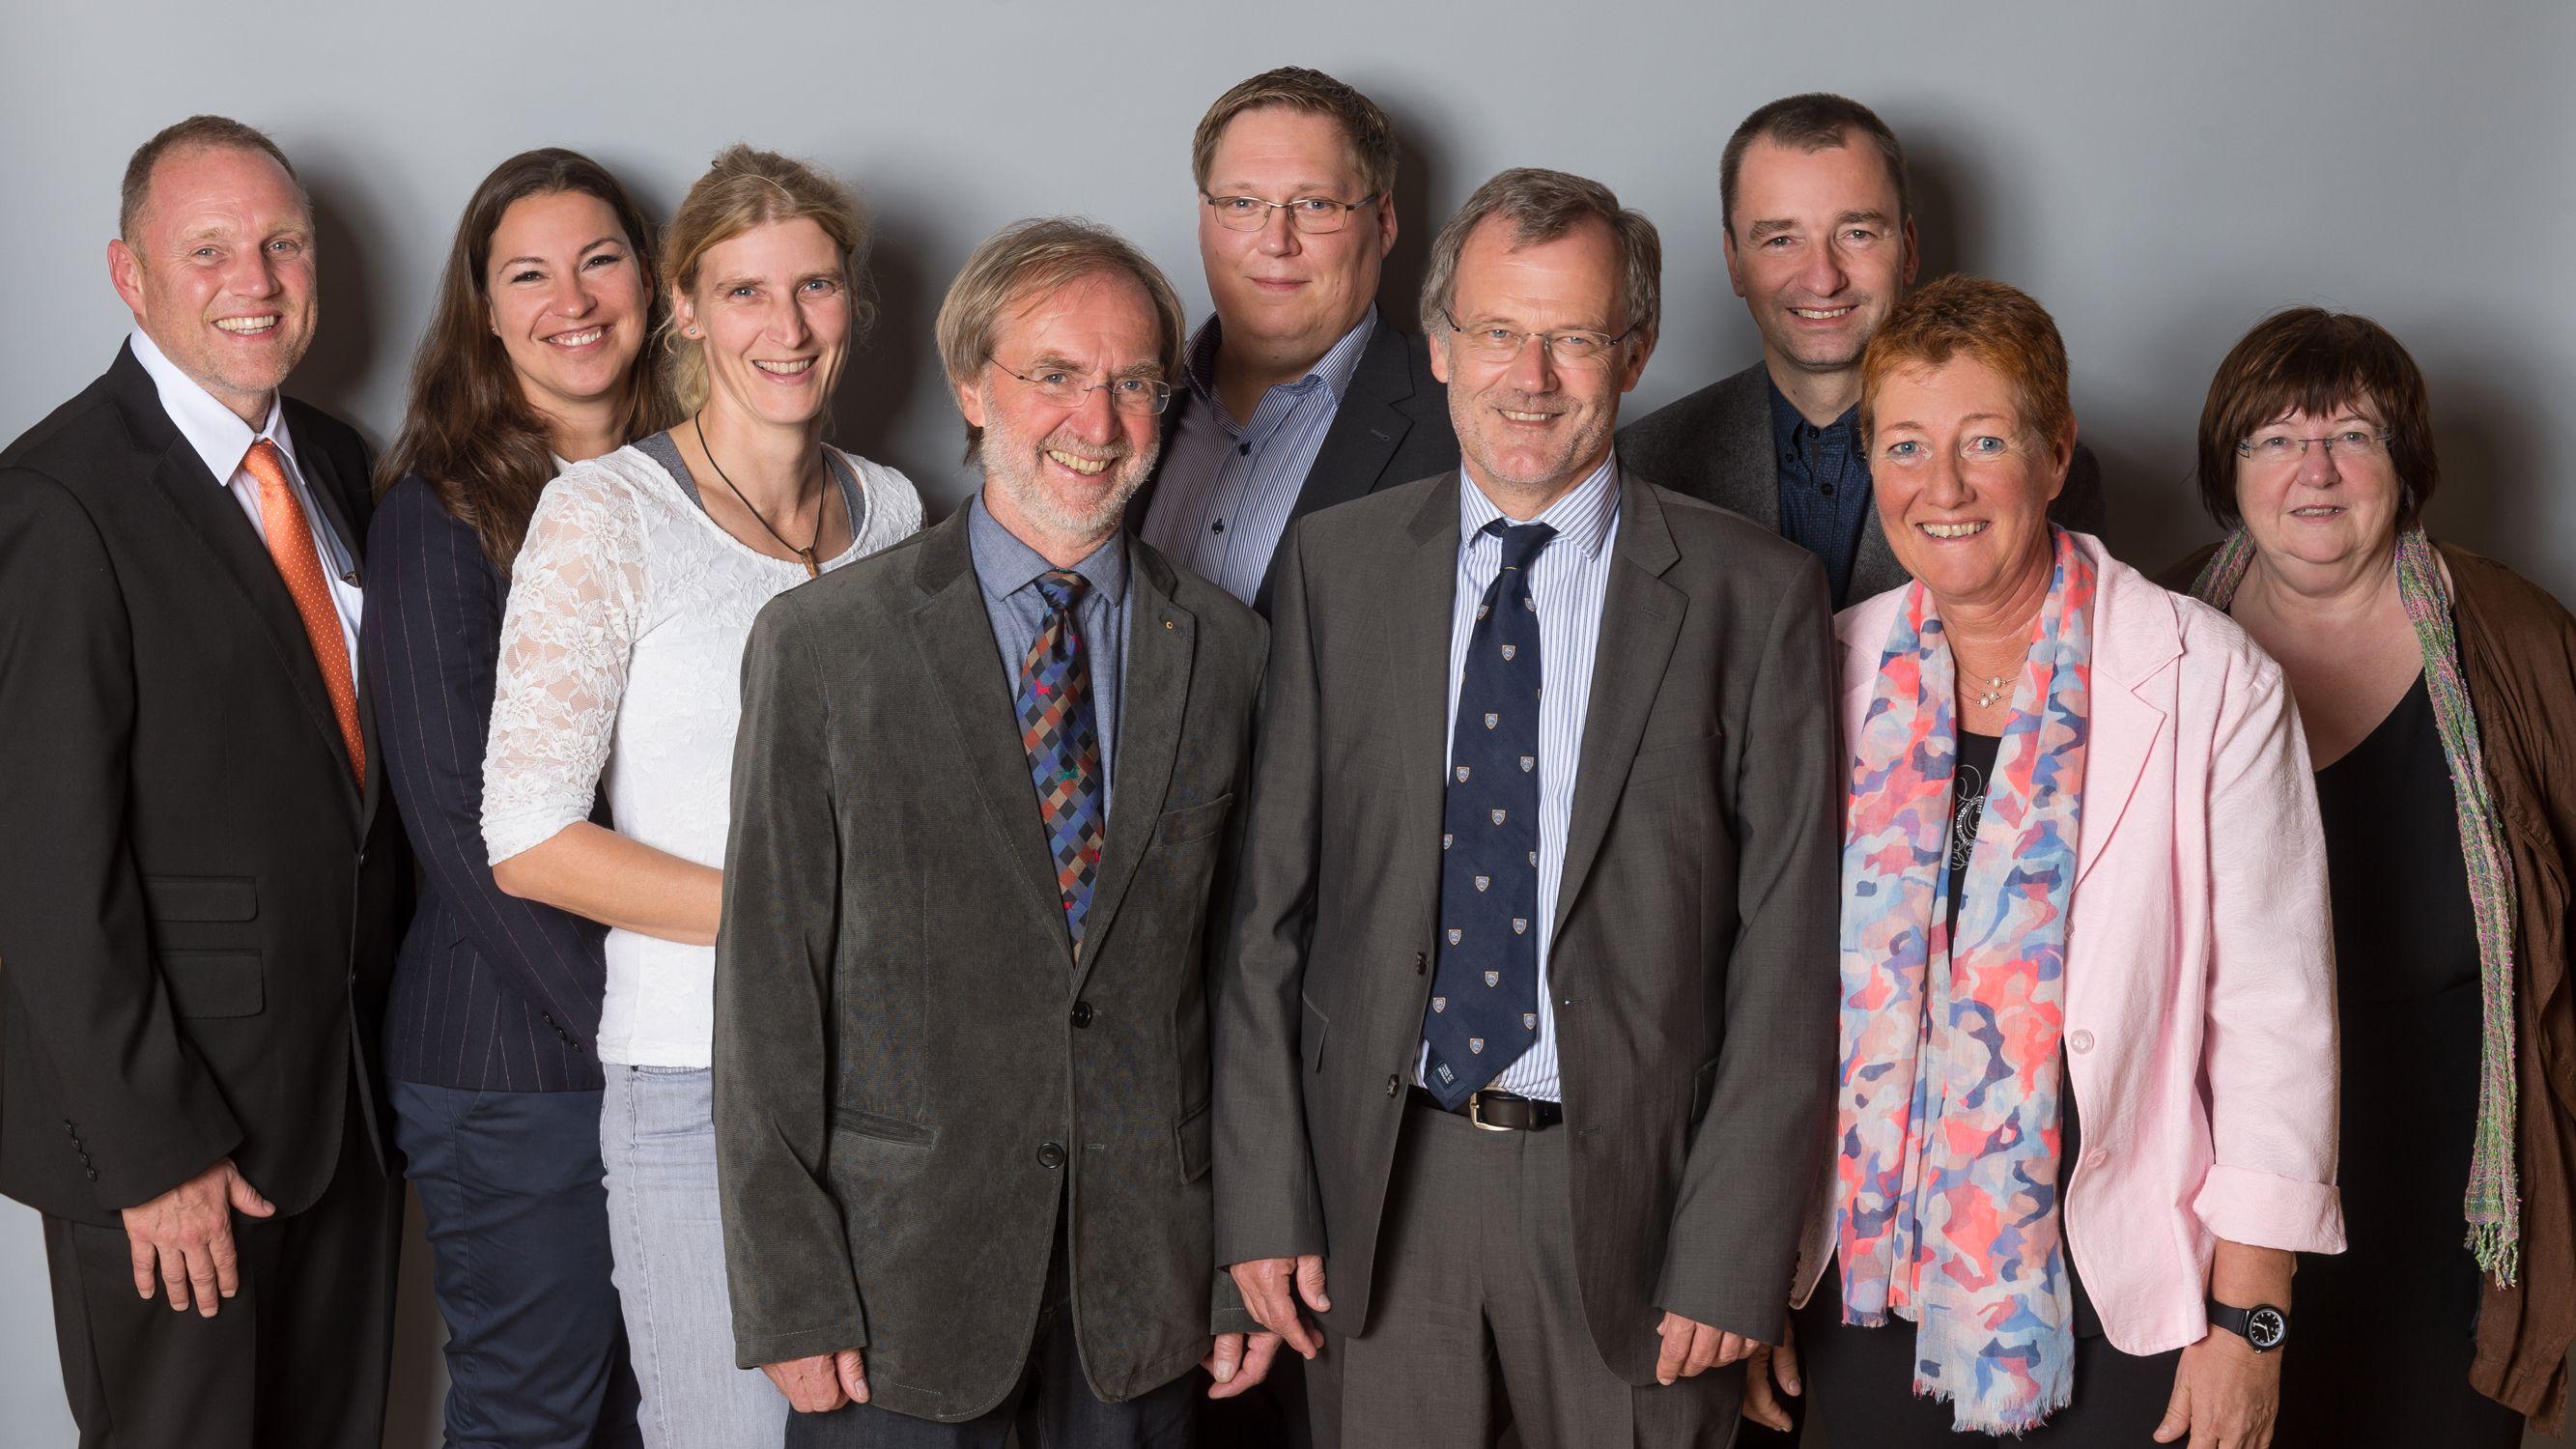 Das neue bpt-Präsidium (v.l.n.r.): Rolf Herzel, Dr. Maren Hellige, Dr. Uta Seiwald (Beisitzer), Karl-Heinz Schulte (2. Vizepräsident), Dr. Andreas Palzer (Beisitzer), Dr. Siegfried Moder (Präsident), Jan Wolter (Beisitzer), Dr. Petra Sindern (1. Vizepräsidentin), Anna Lam (Schatzmeisterin). (Foto: @bpt/Jan Rathke)